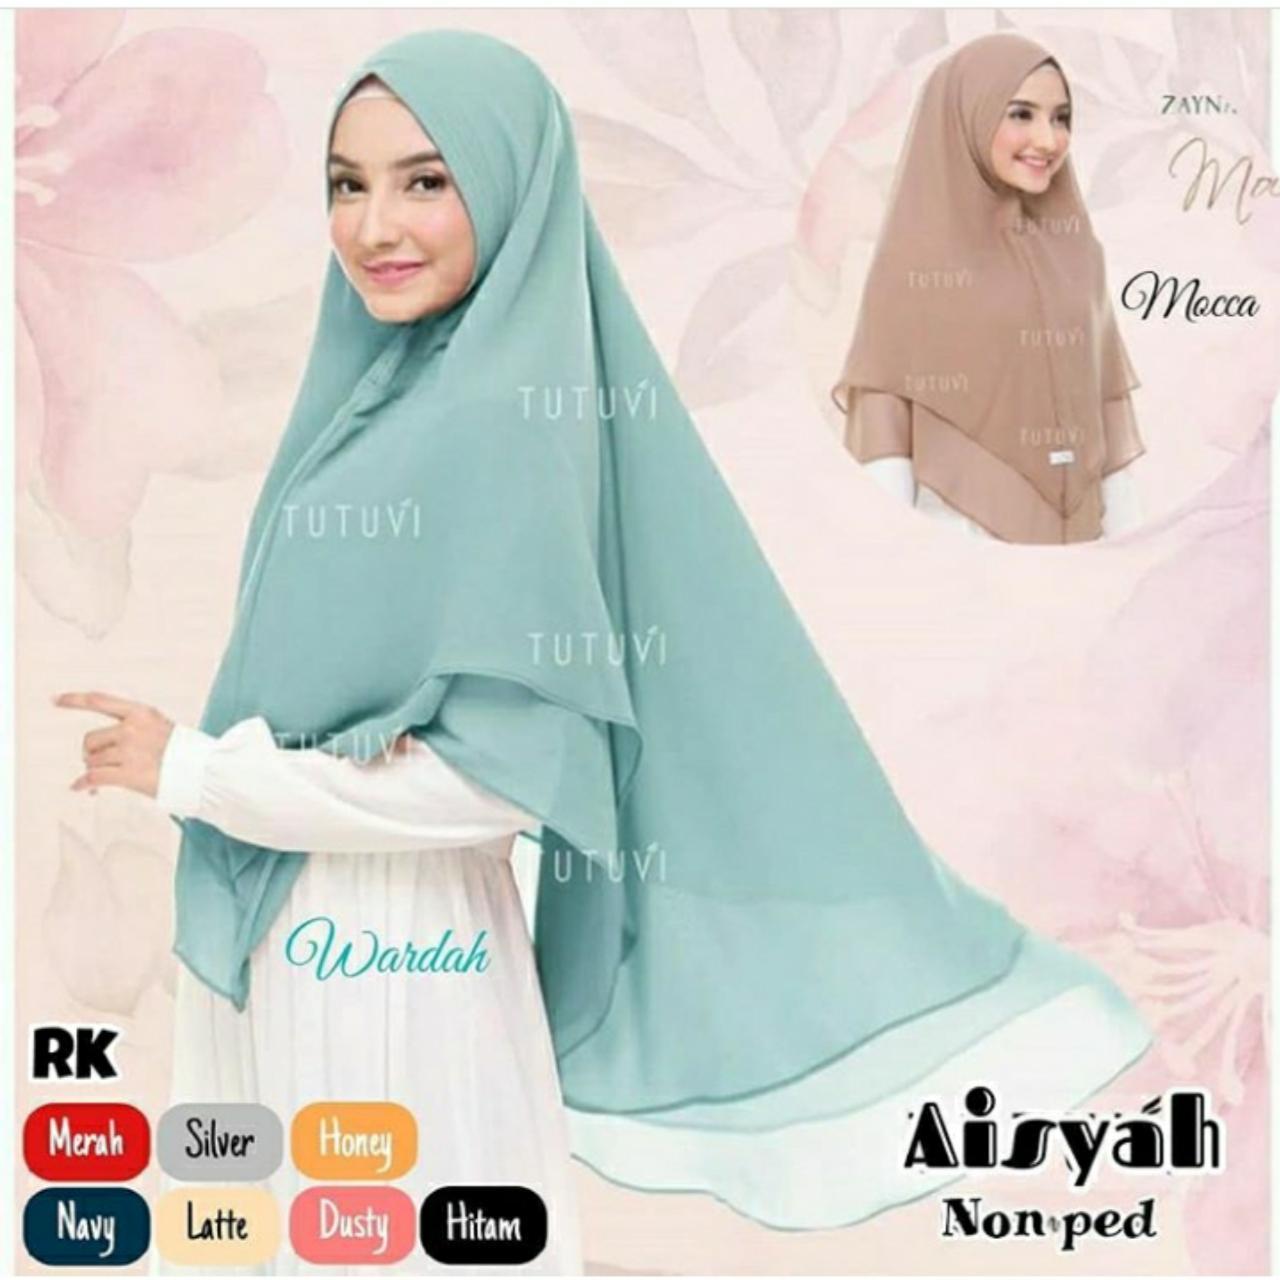 TF PROMO Bisa Bayar di Tempat Jilbab Murah Khimar Aisyah Hijab Instan Mewah Kerudung Instan Khimar Instan